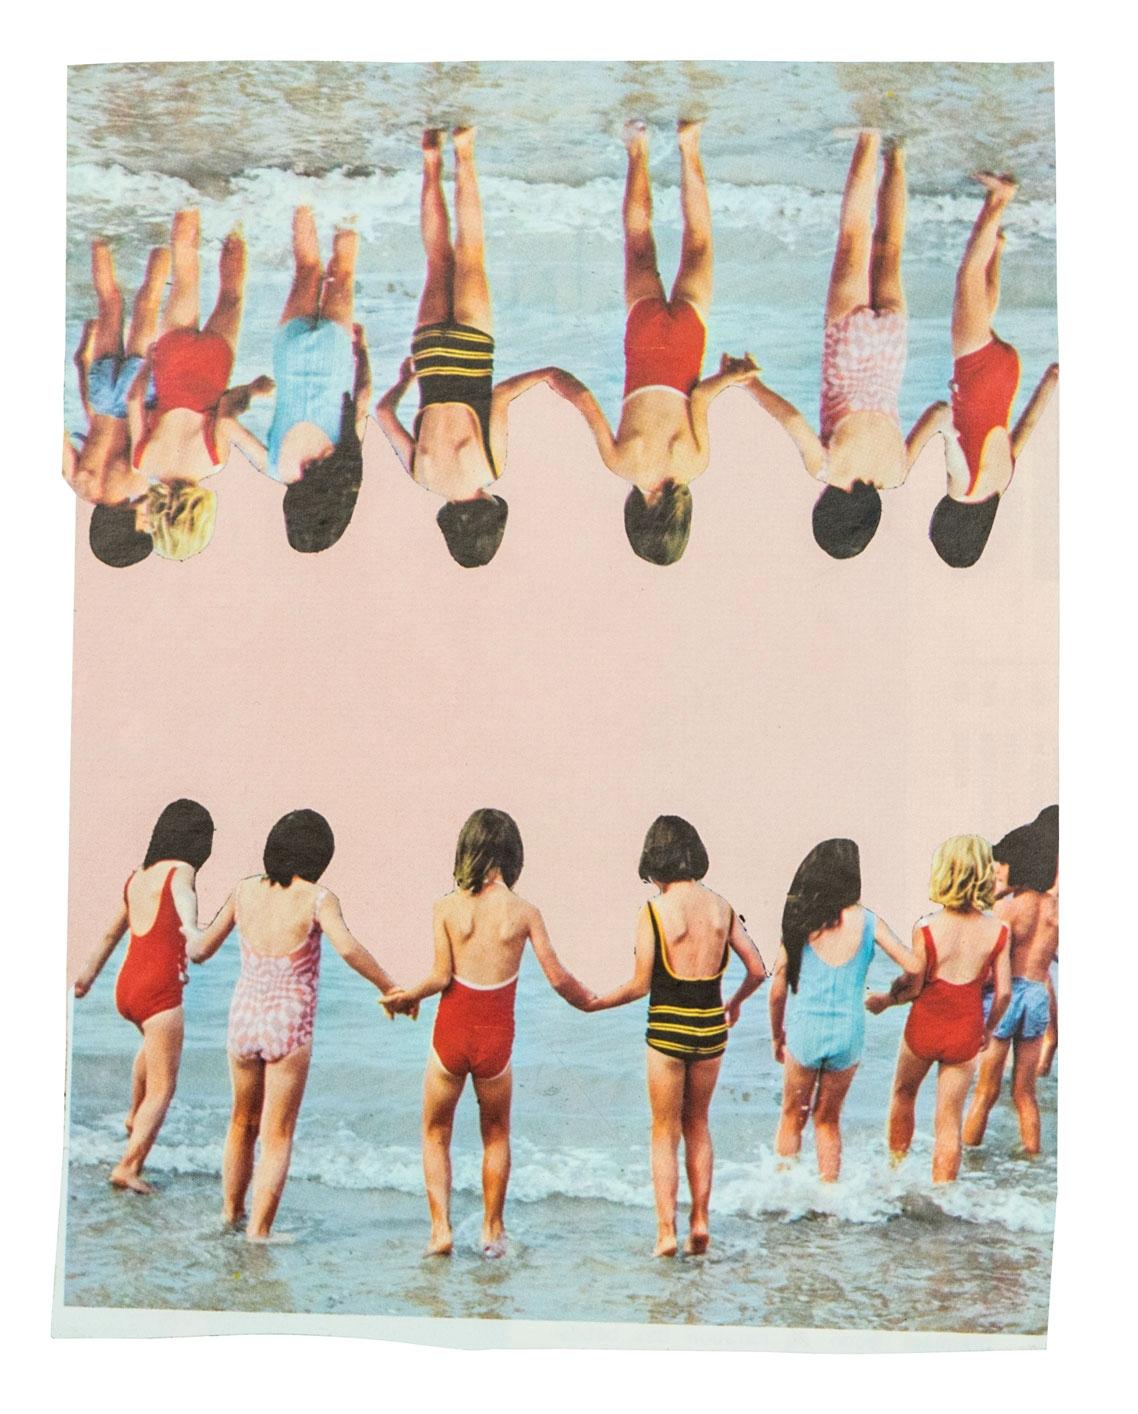 Dziewczynki 18 x 14 cm Collage sur papier 2017